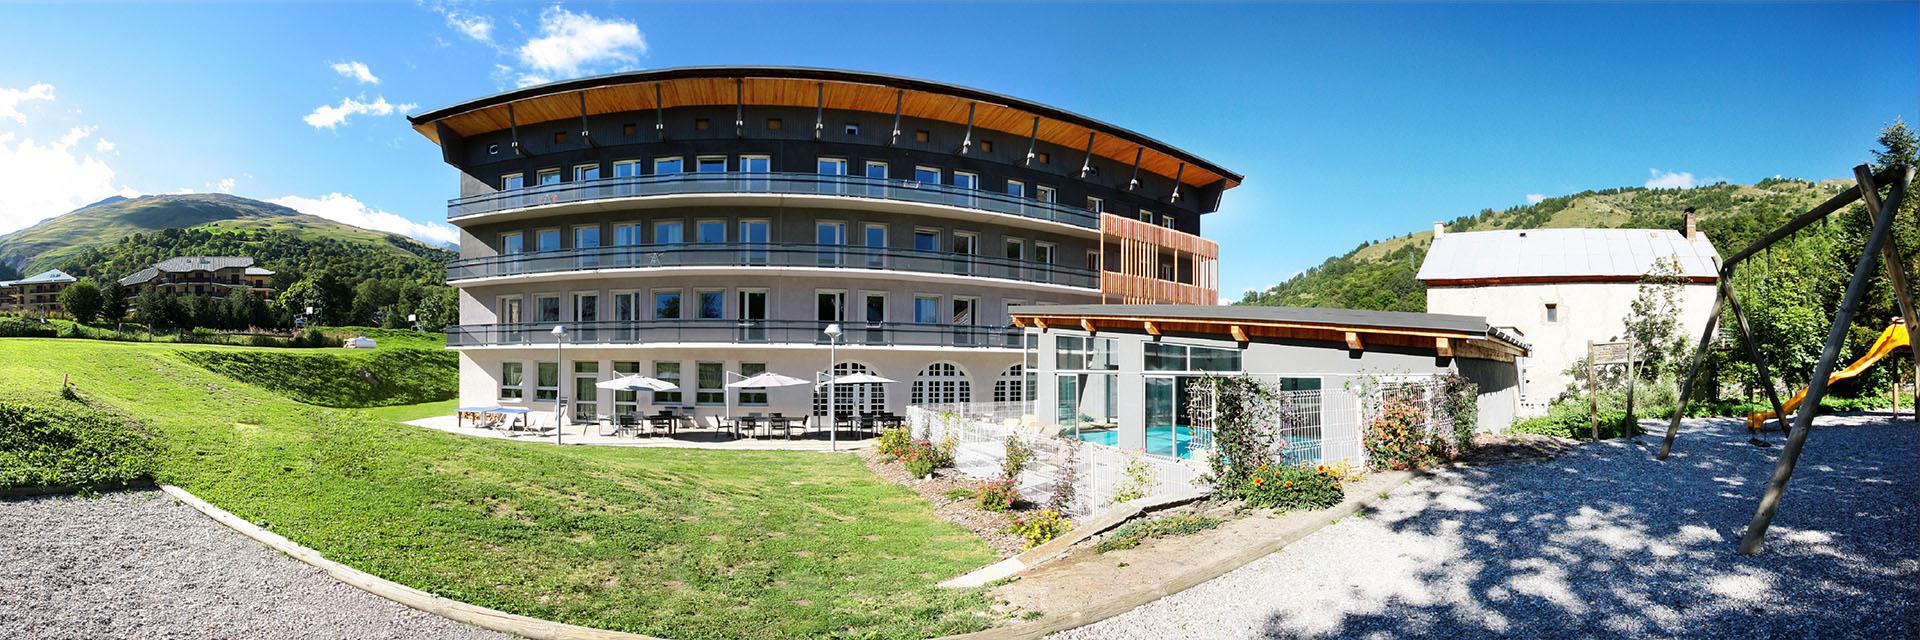 Village_club_vacances_savoi-vanoise-la-pulka-village-exterieur